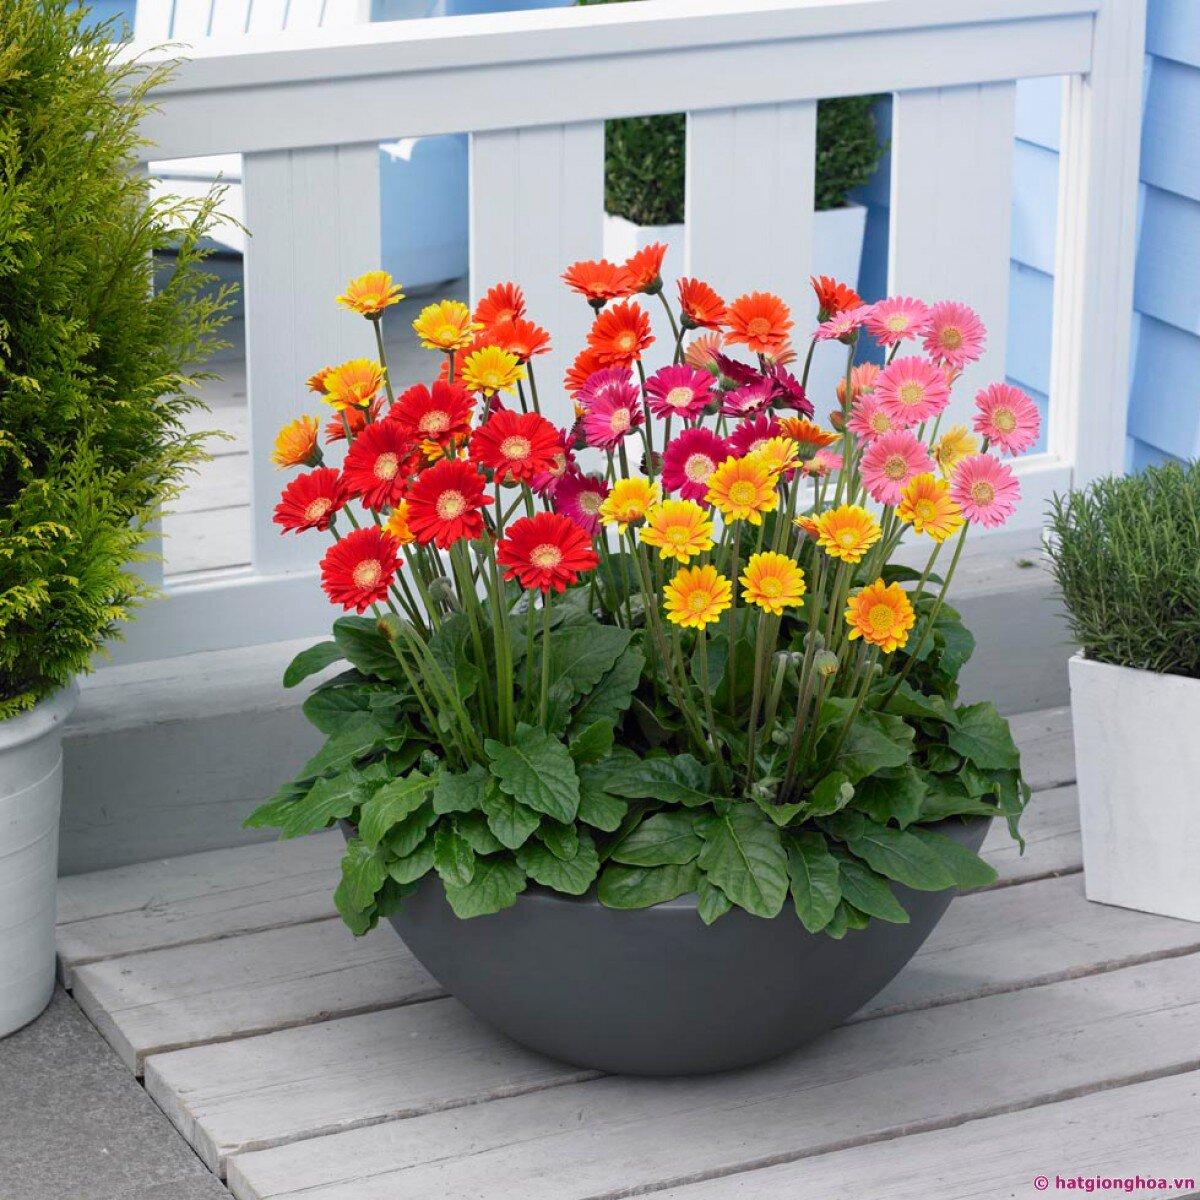 Những chậu hoa nhỏ xinh khiến căn nhà bạn sáng bừng rực rỡ trong ngày Tết